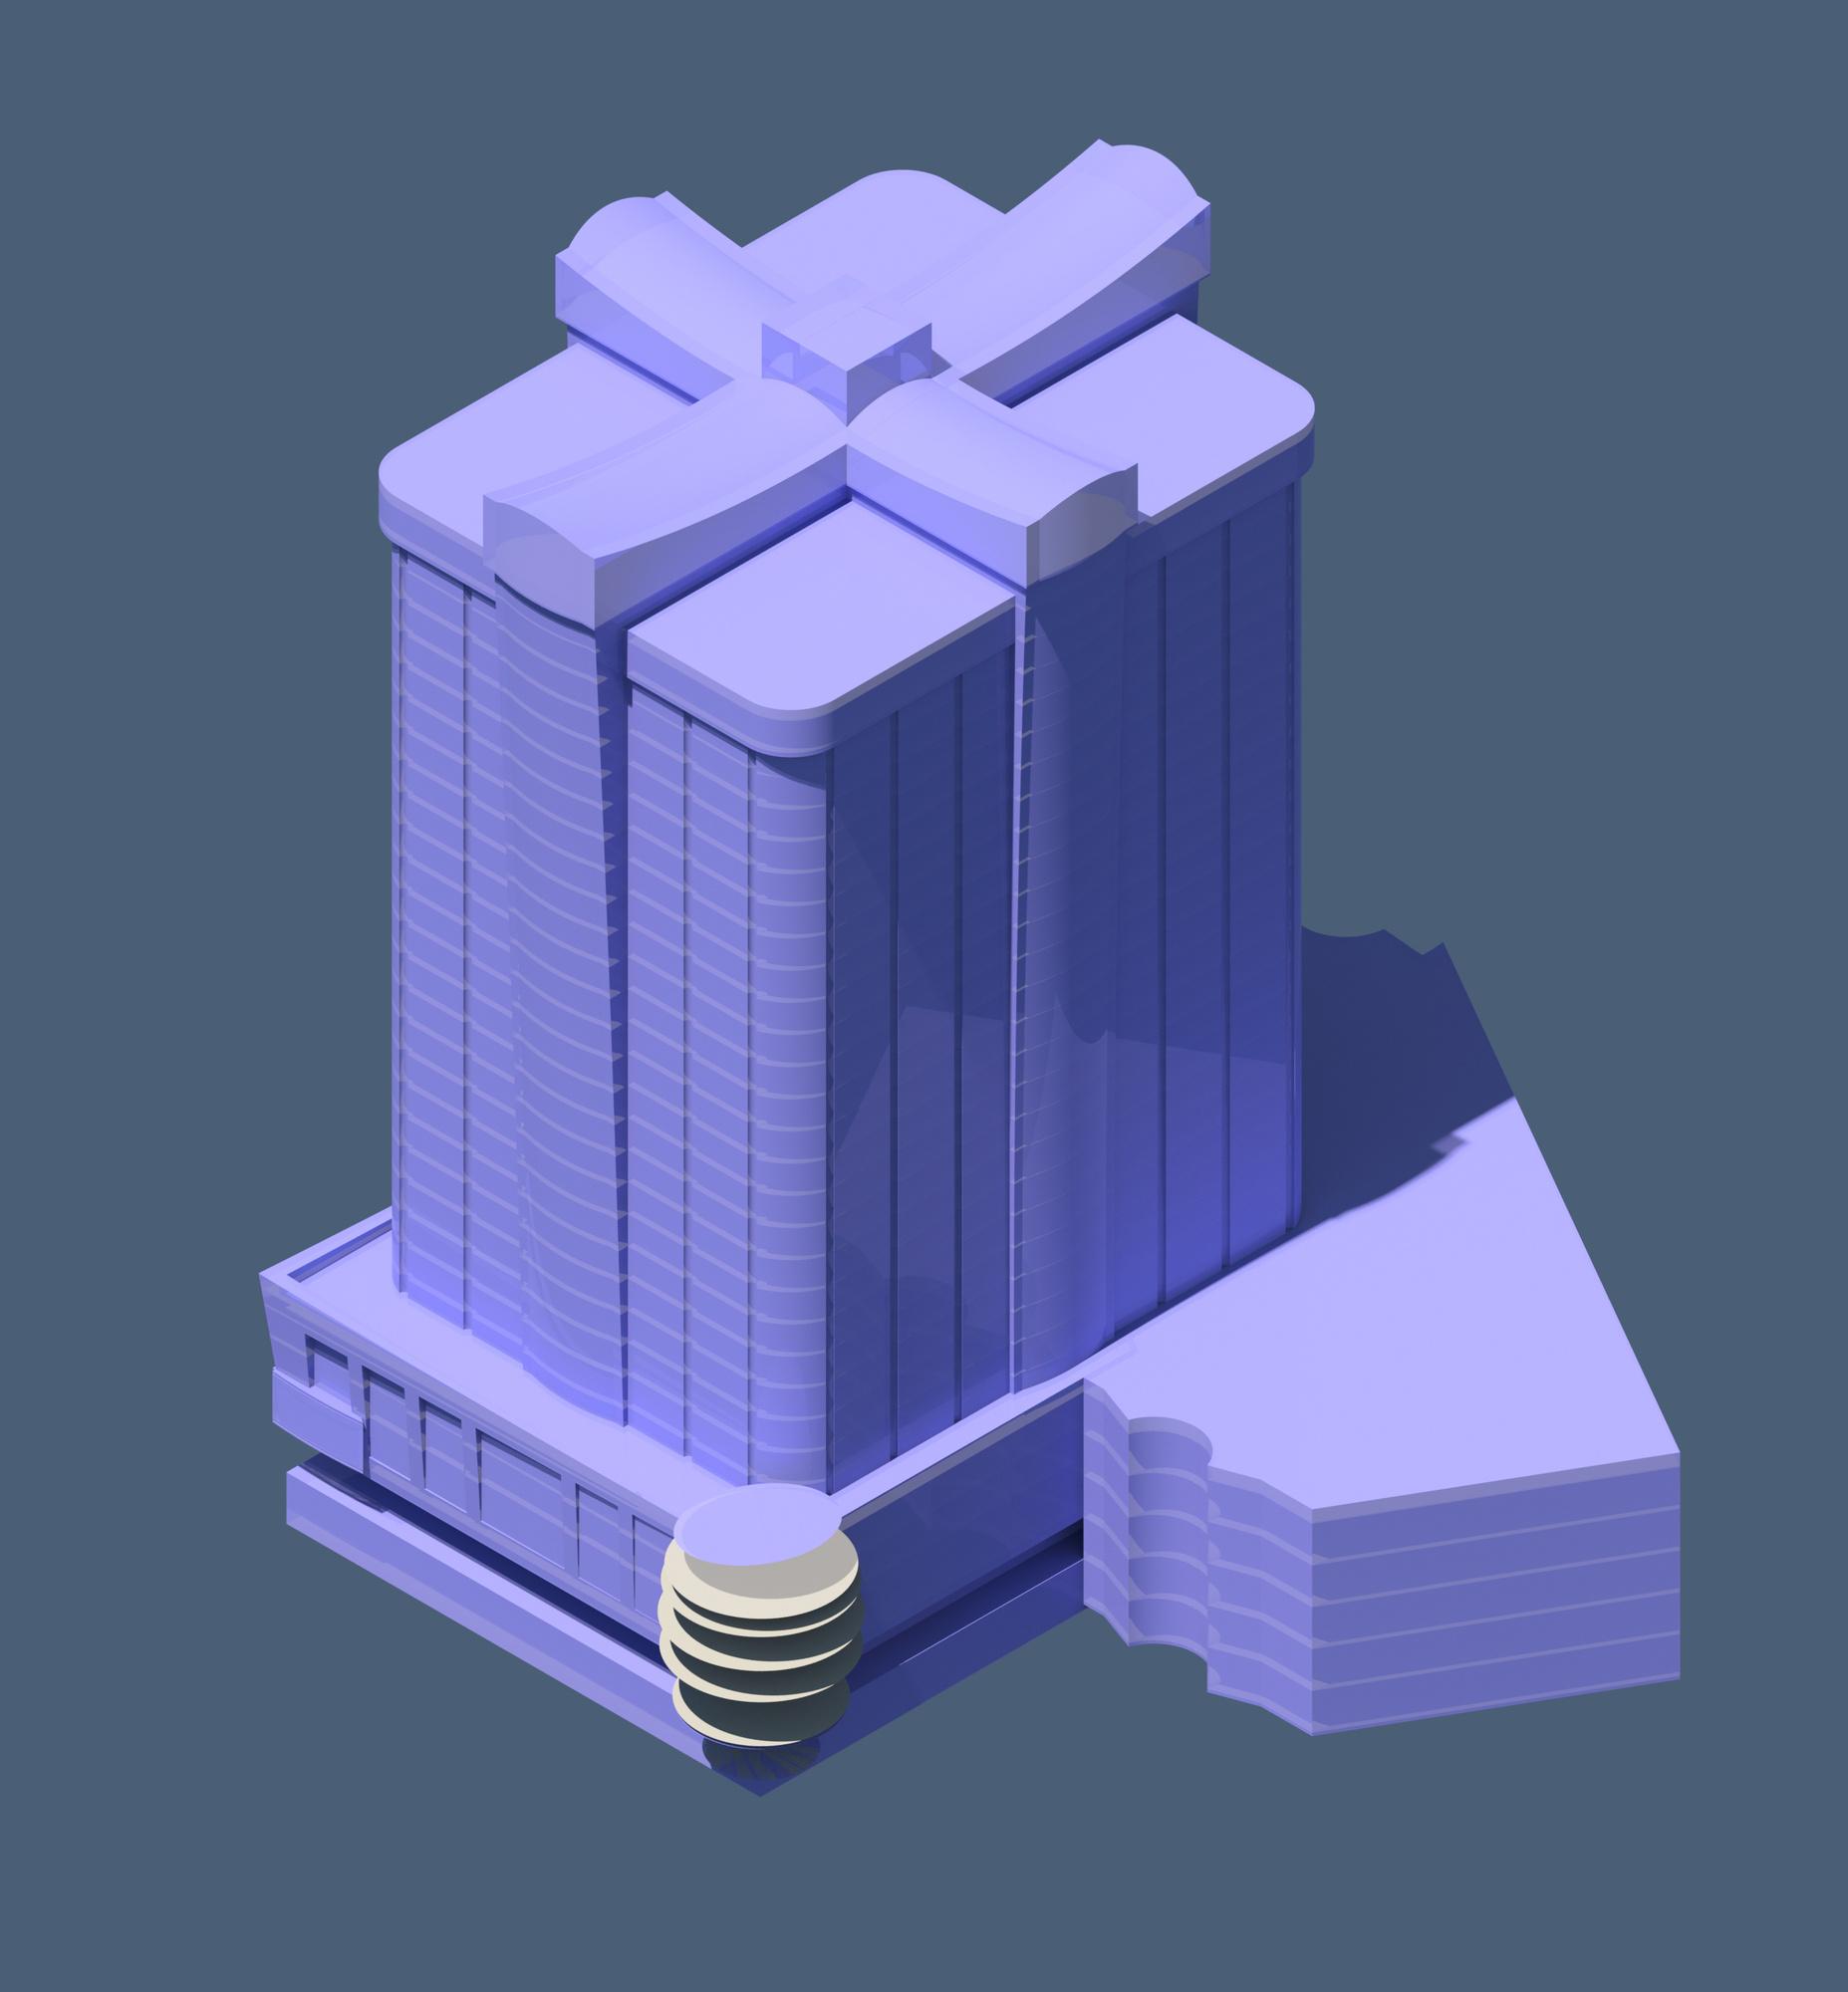 Raas-rendering20150428-2265-gbk8ni